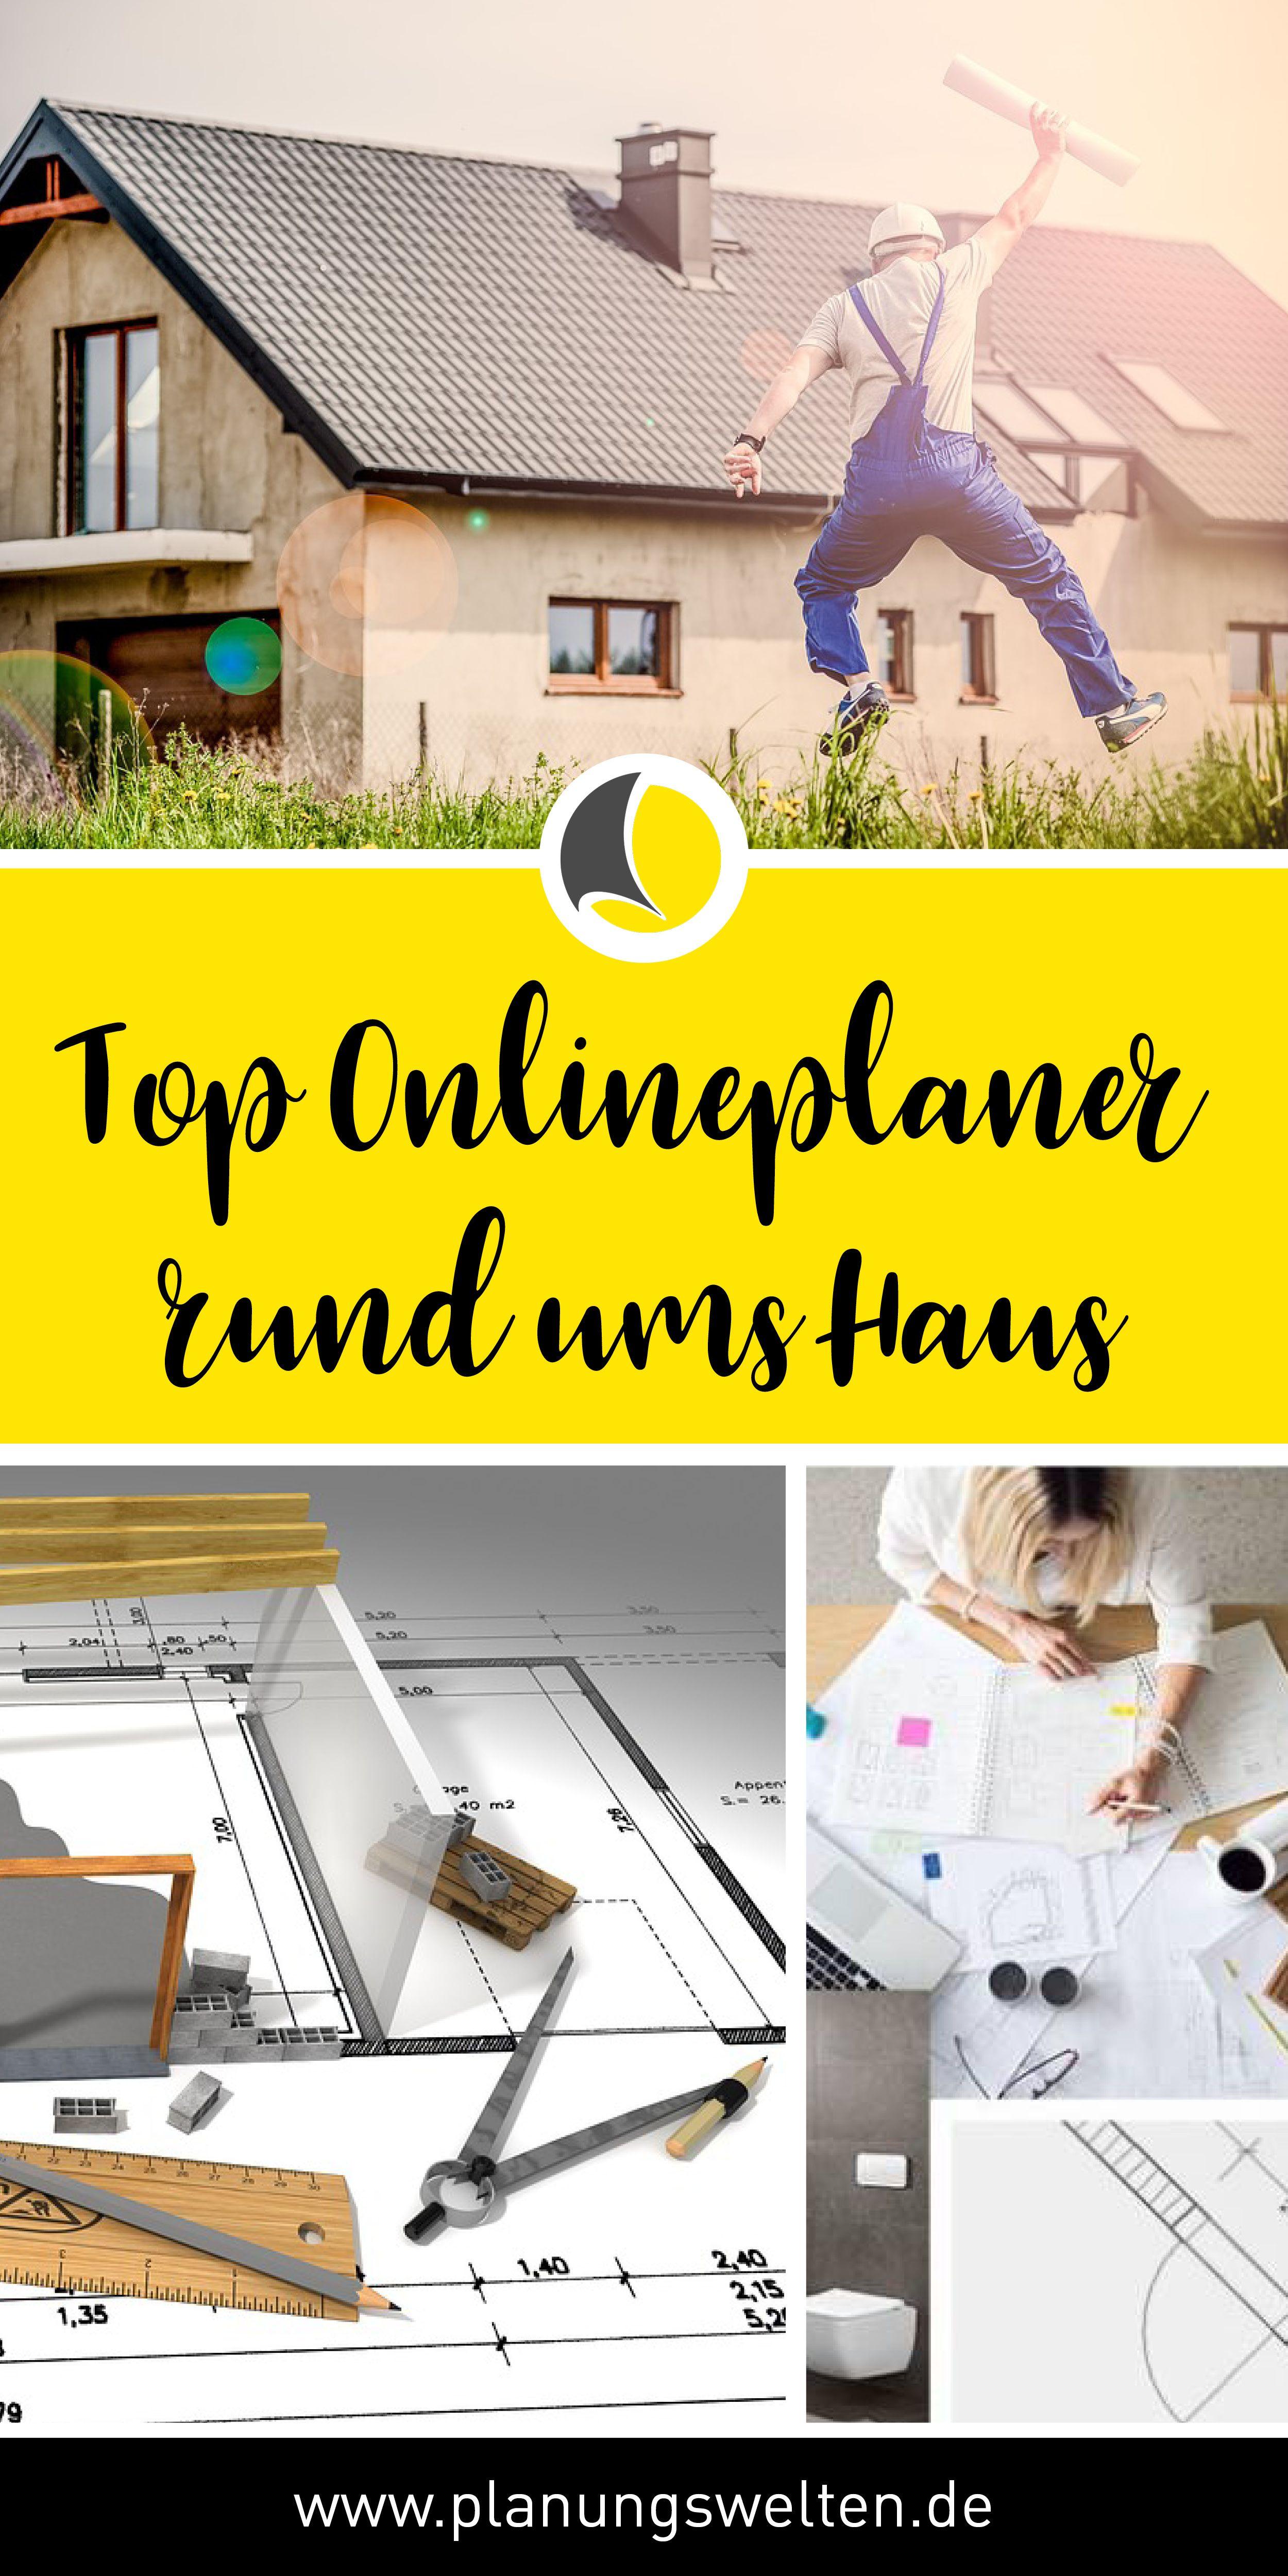 Top 5 Onlineplaner rund ums Haus   Online-Planer   Haus planer ...